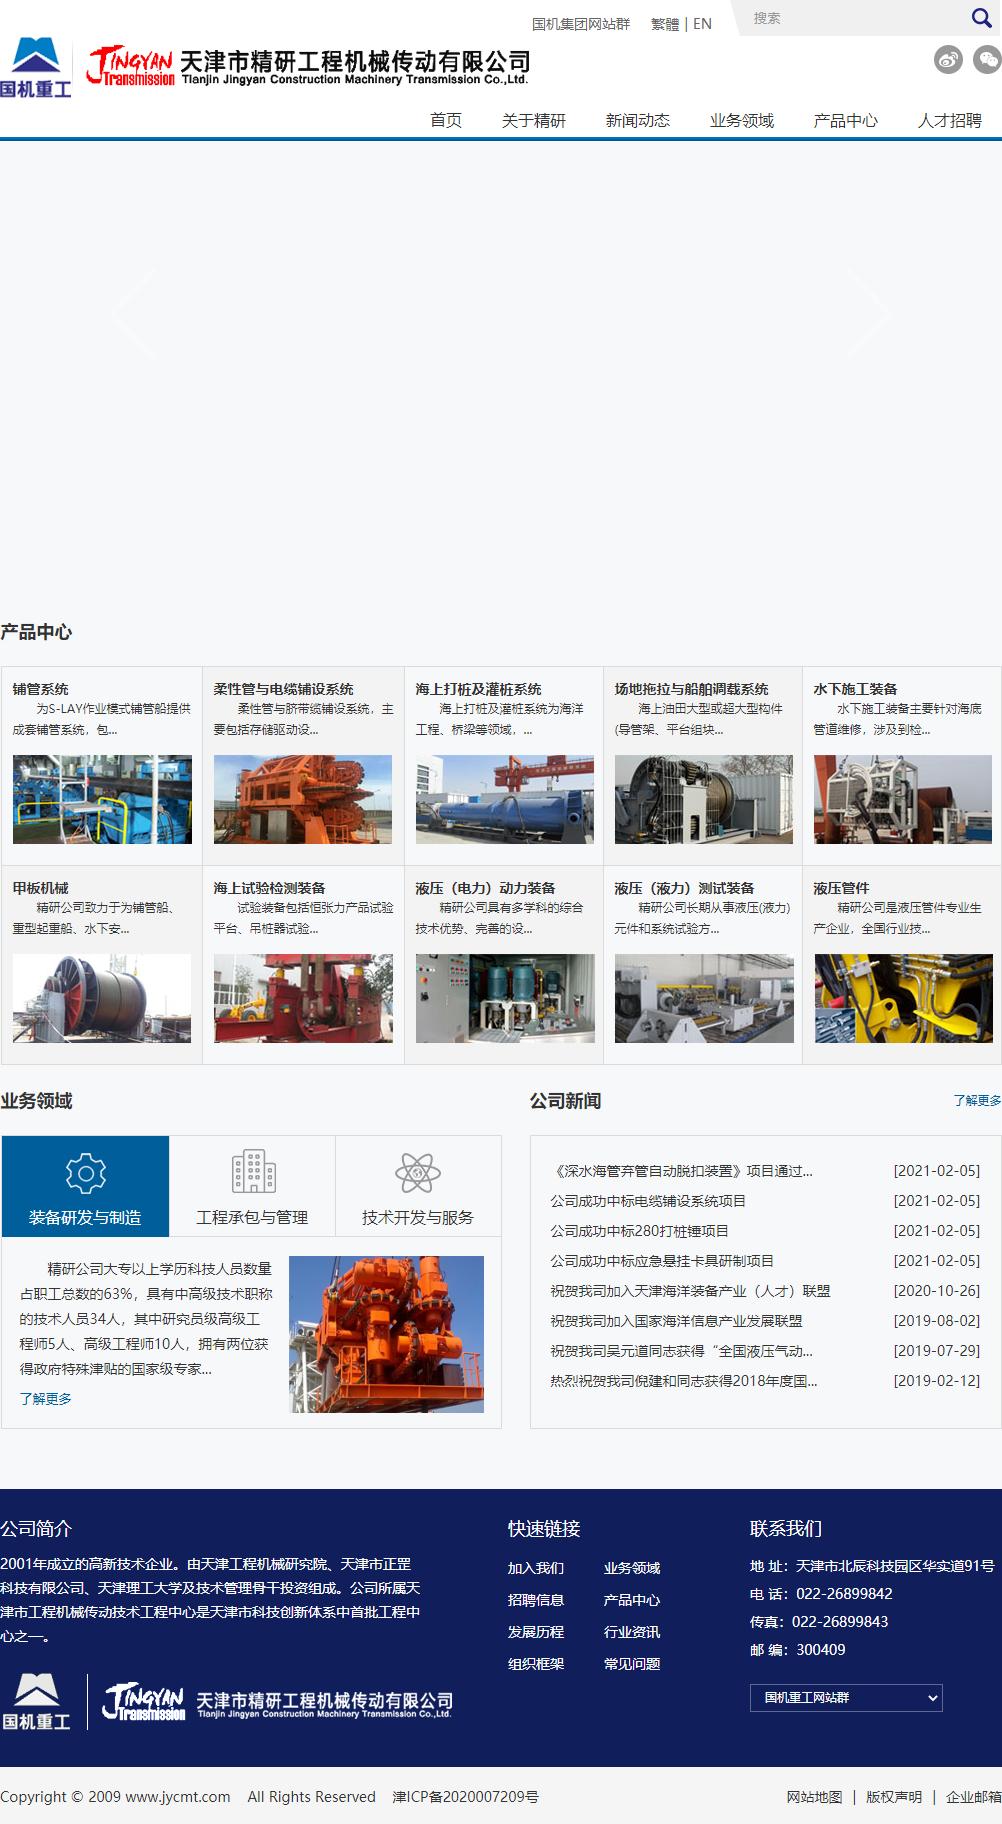 天津市精研工程机械传动有限公司网站案例